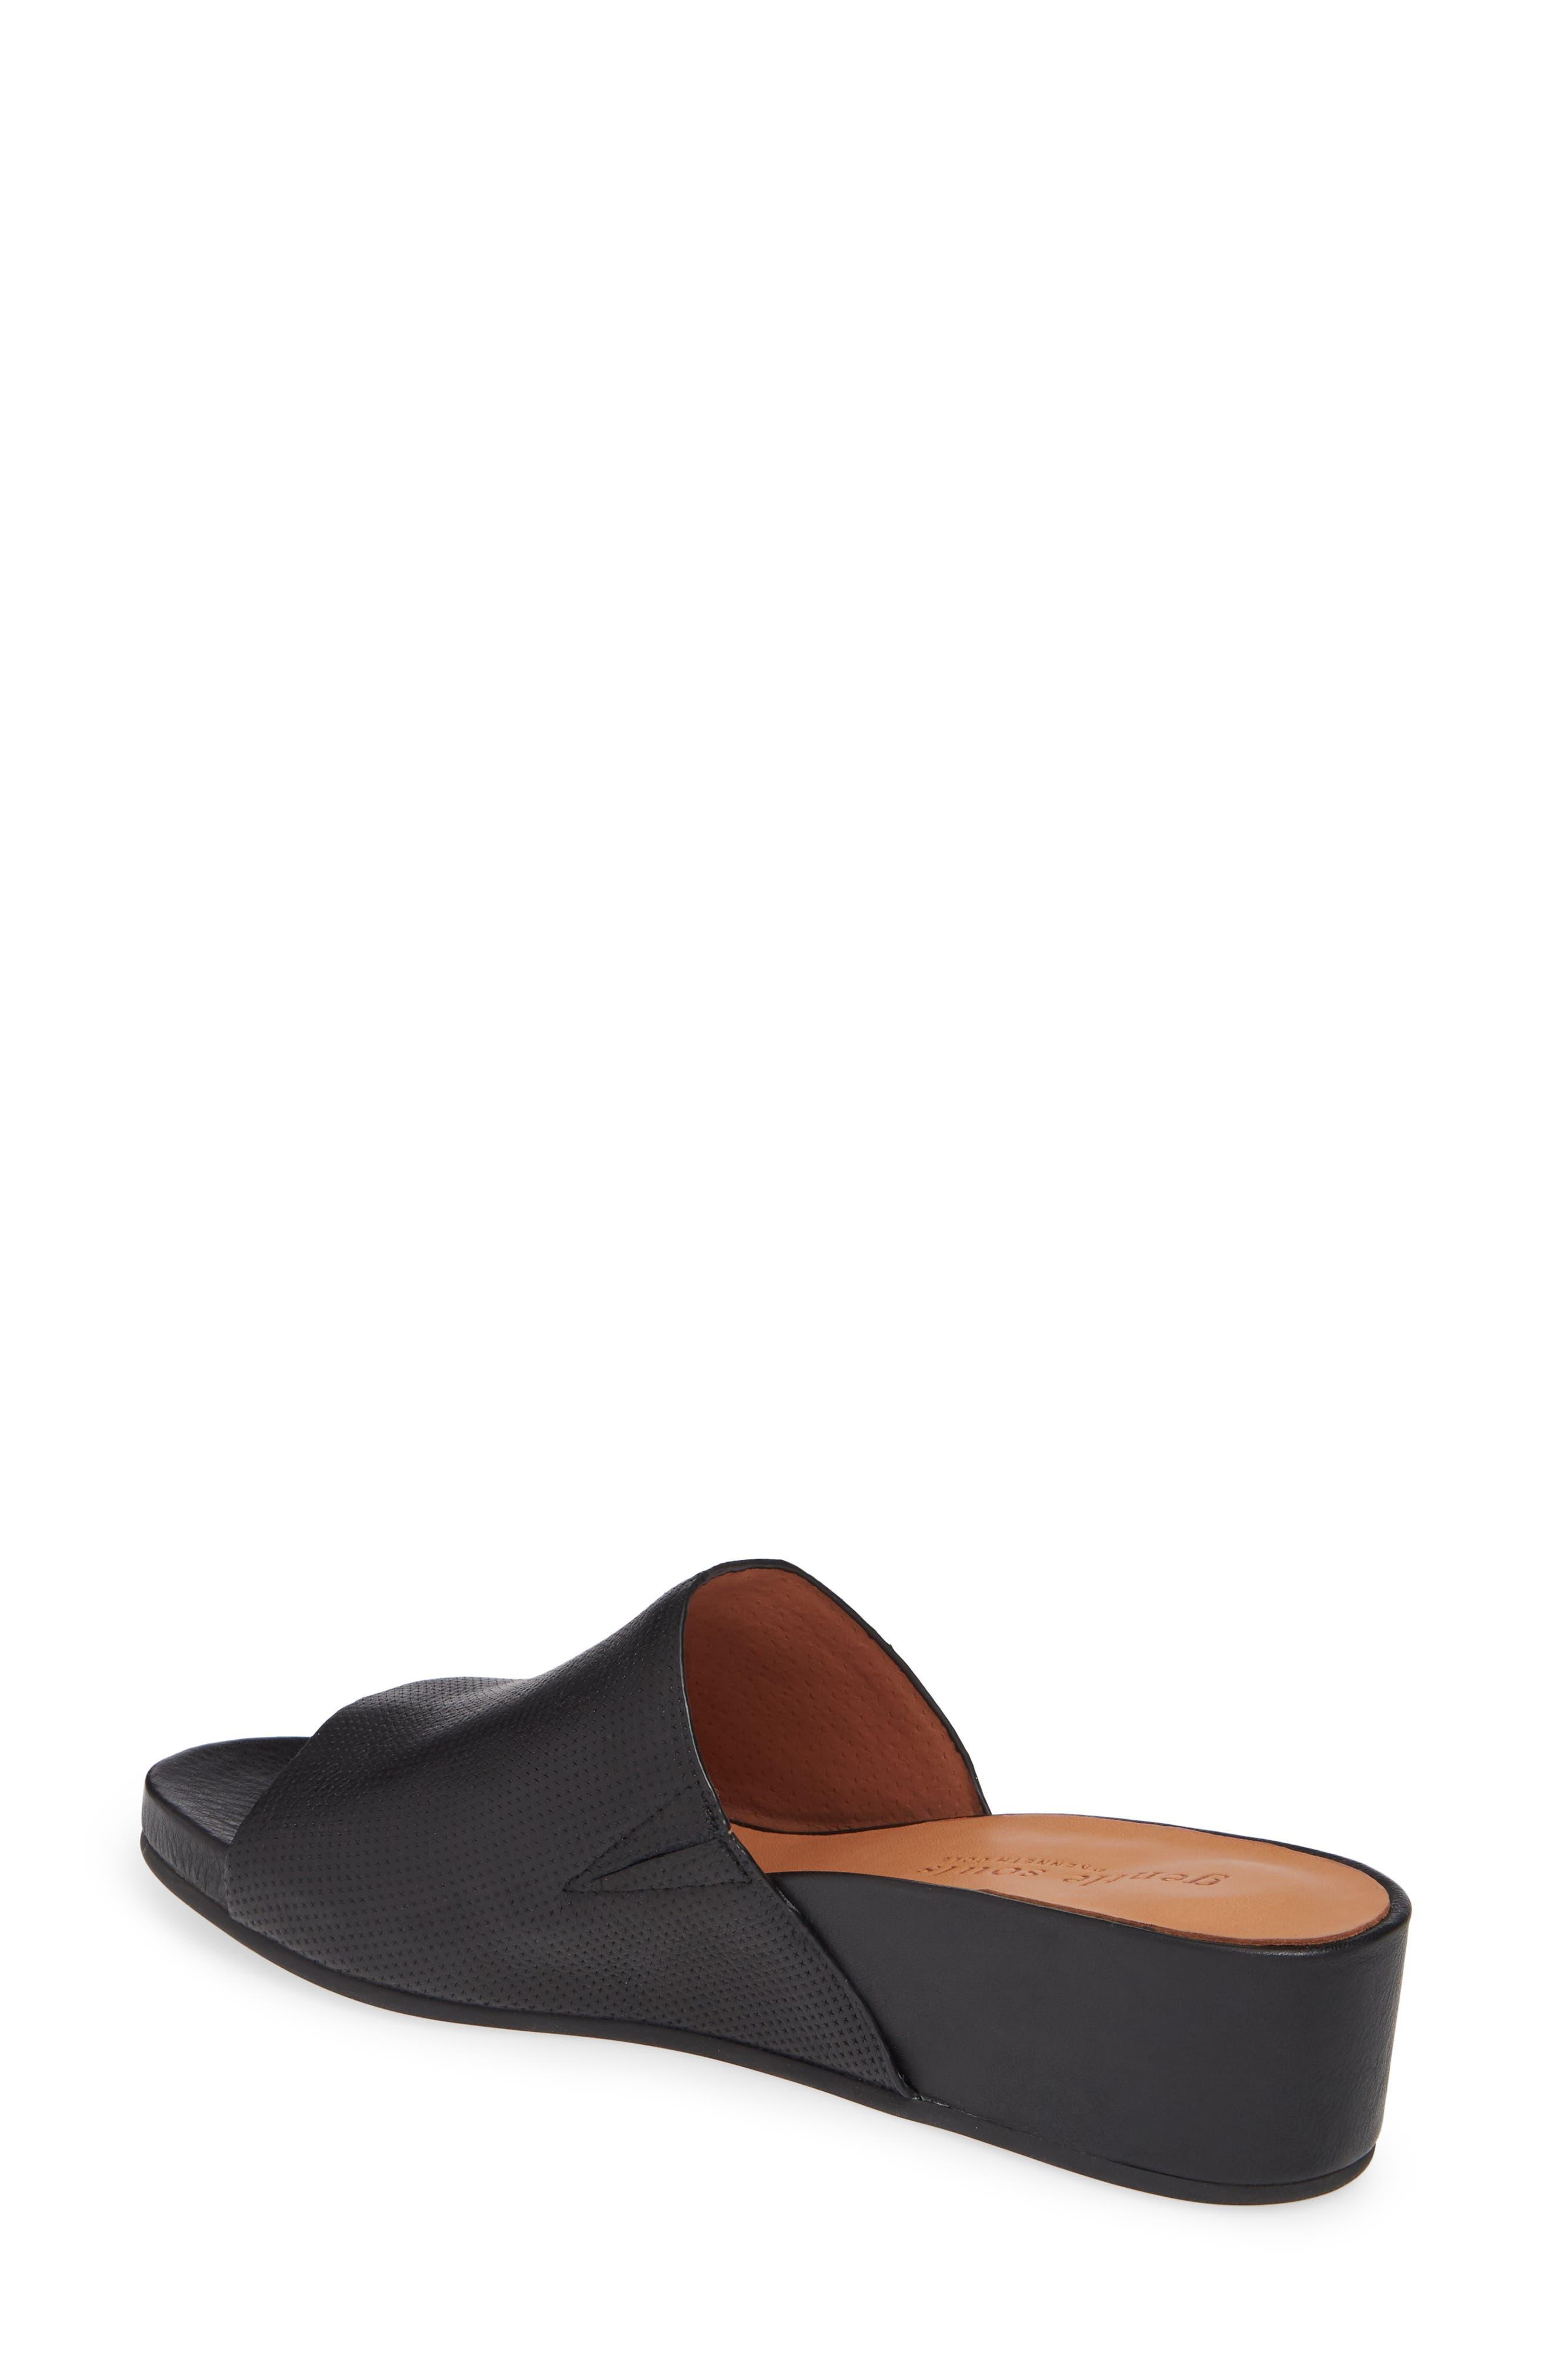 Gisele Wedge Slide Sandal,                             Alternate thumbnail 2, color,                             BLACK LEATHER